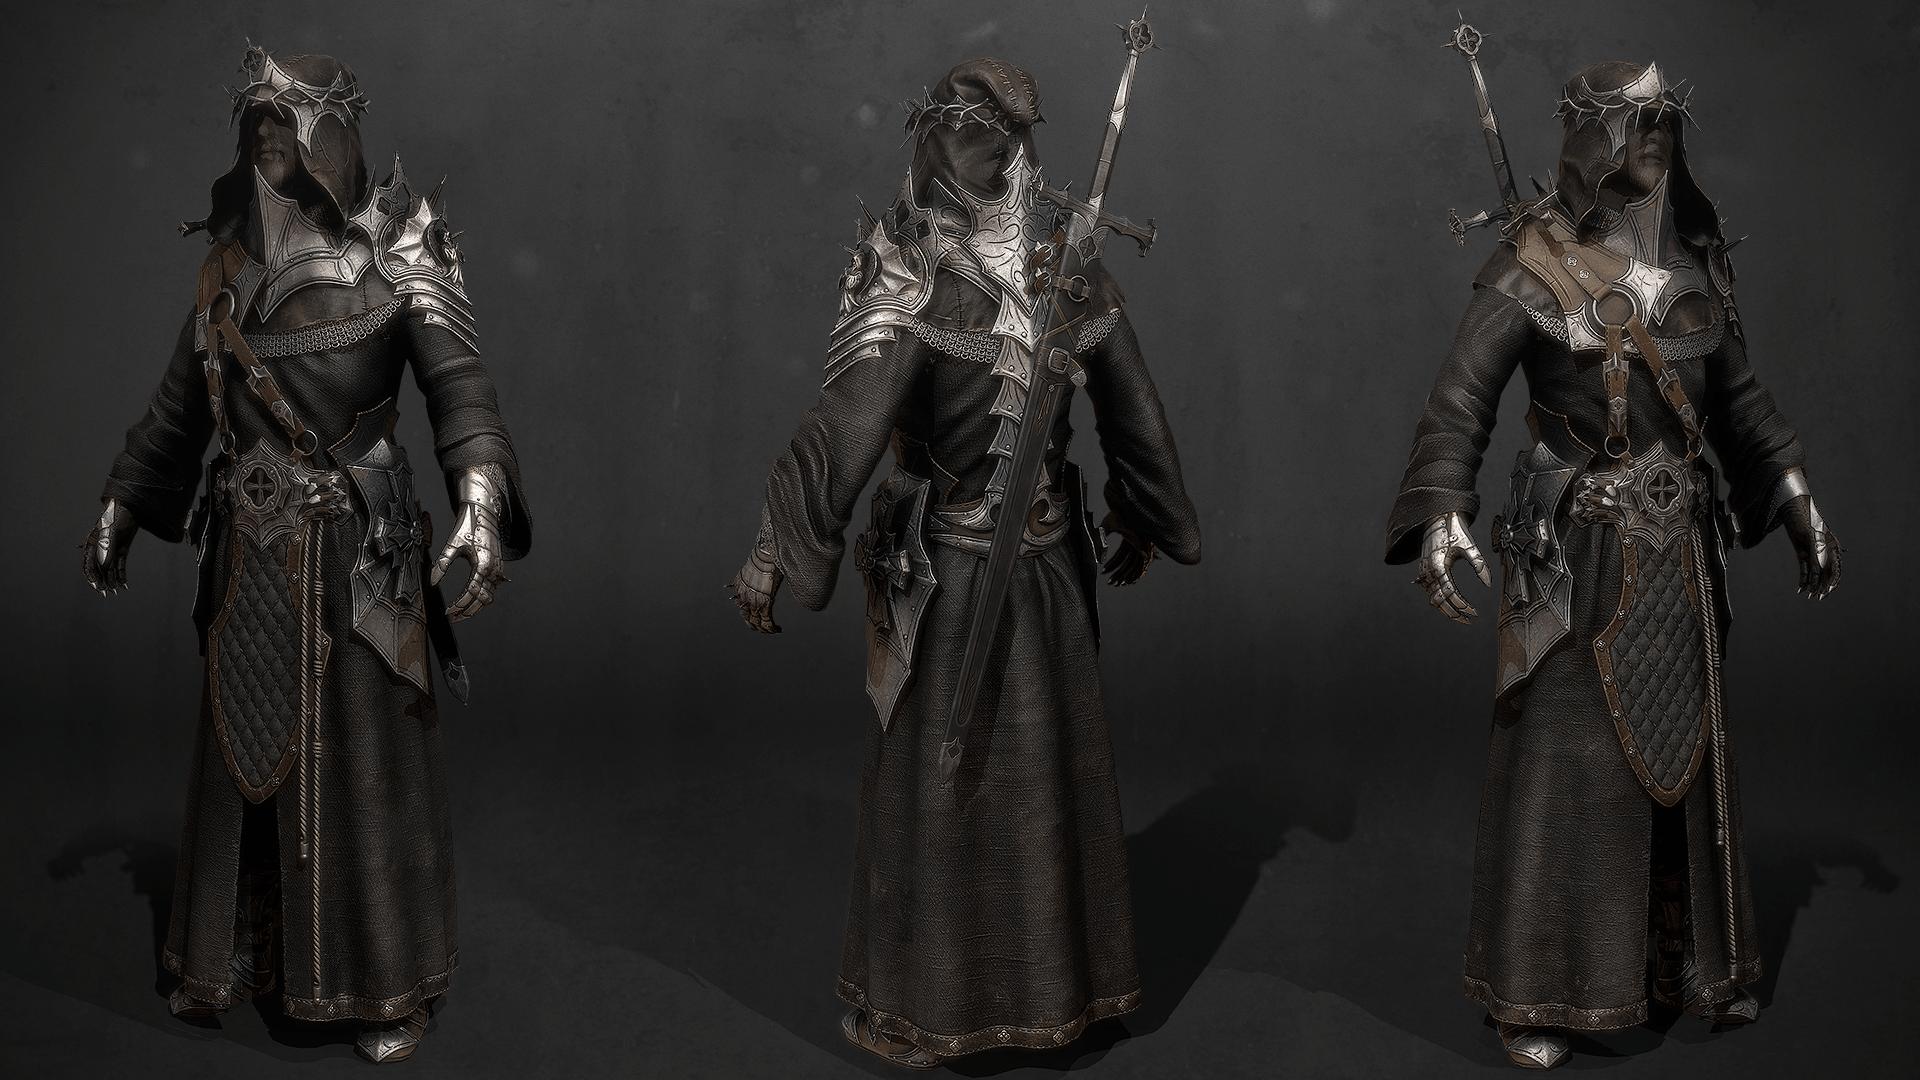 Pin by chris on armor up!   Skyrim mods, Skyrim armor mods